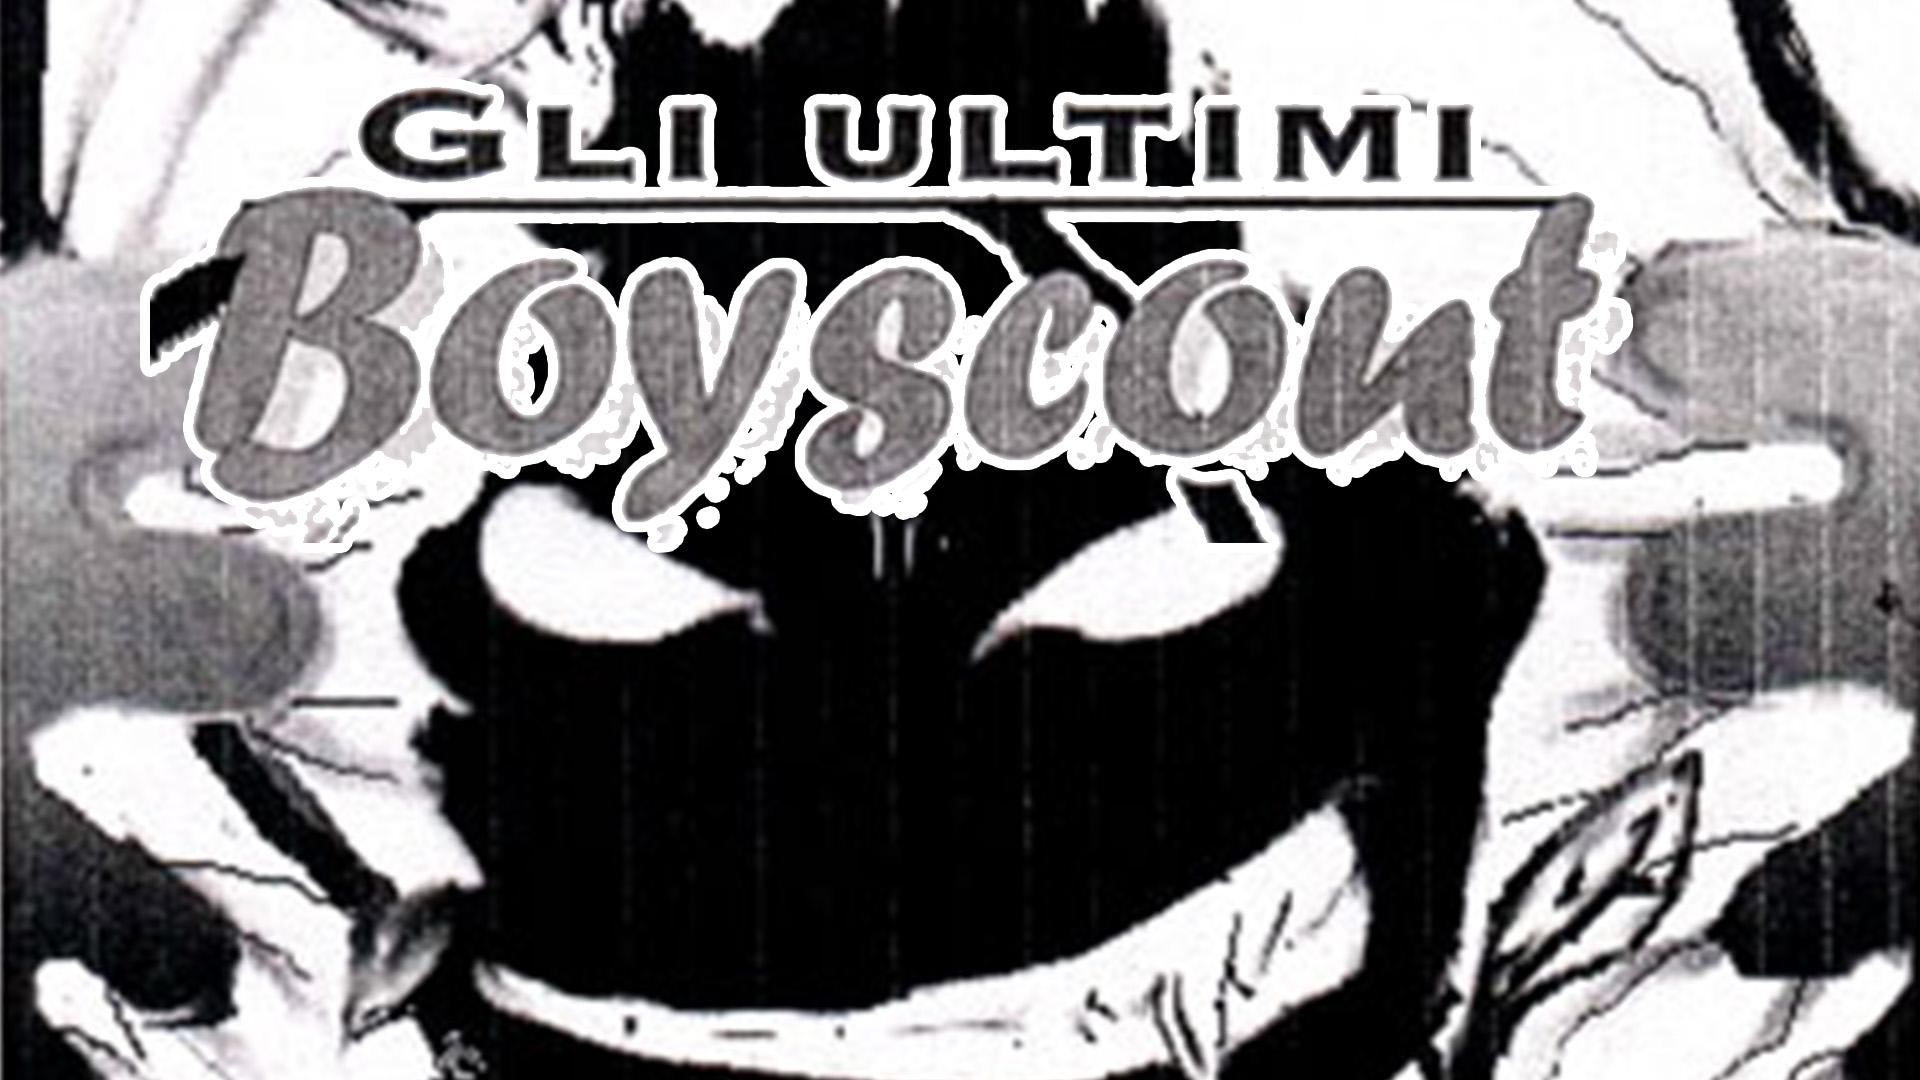 Gli ultimi boyscout